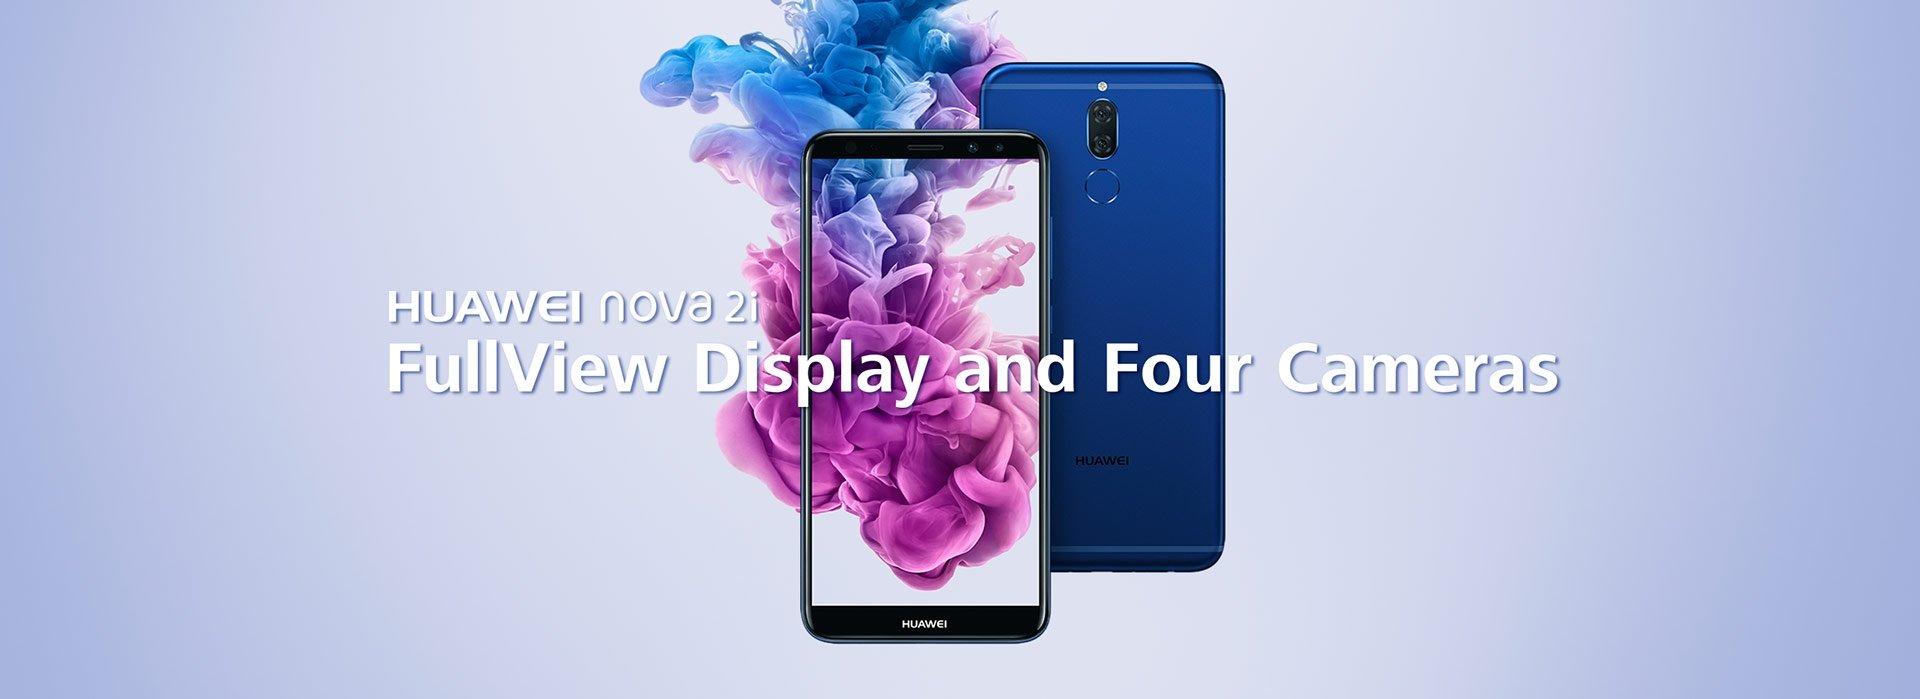 Presentato ufficialmente il nuovo Huawei Nova 2i